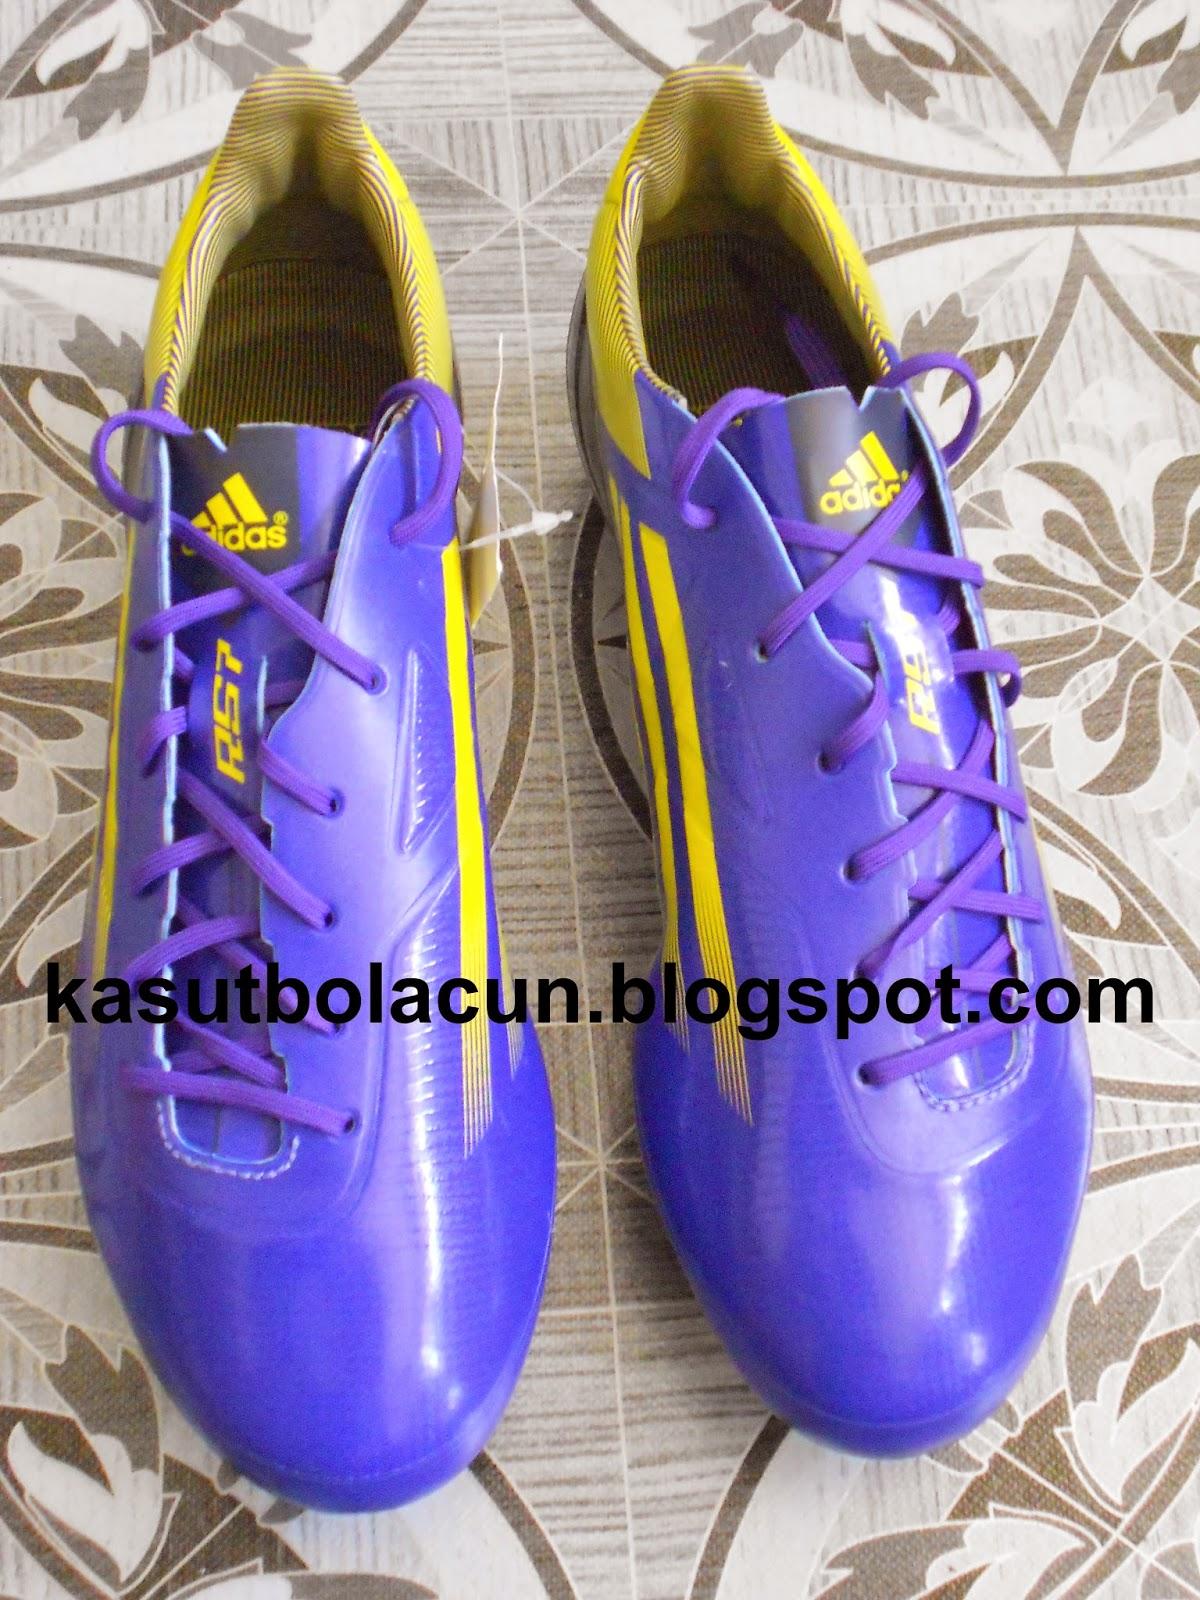 http://kasutbolacun.blogspot.com/2015/03/adidas-f50-adizero-rs7-2-sg.html